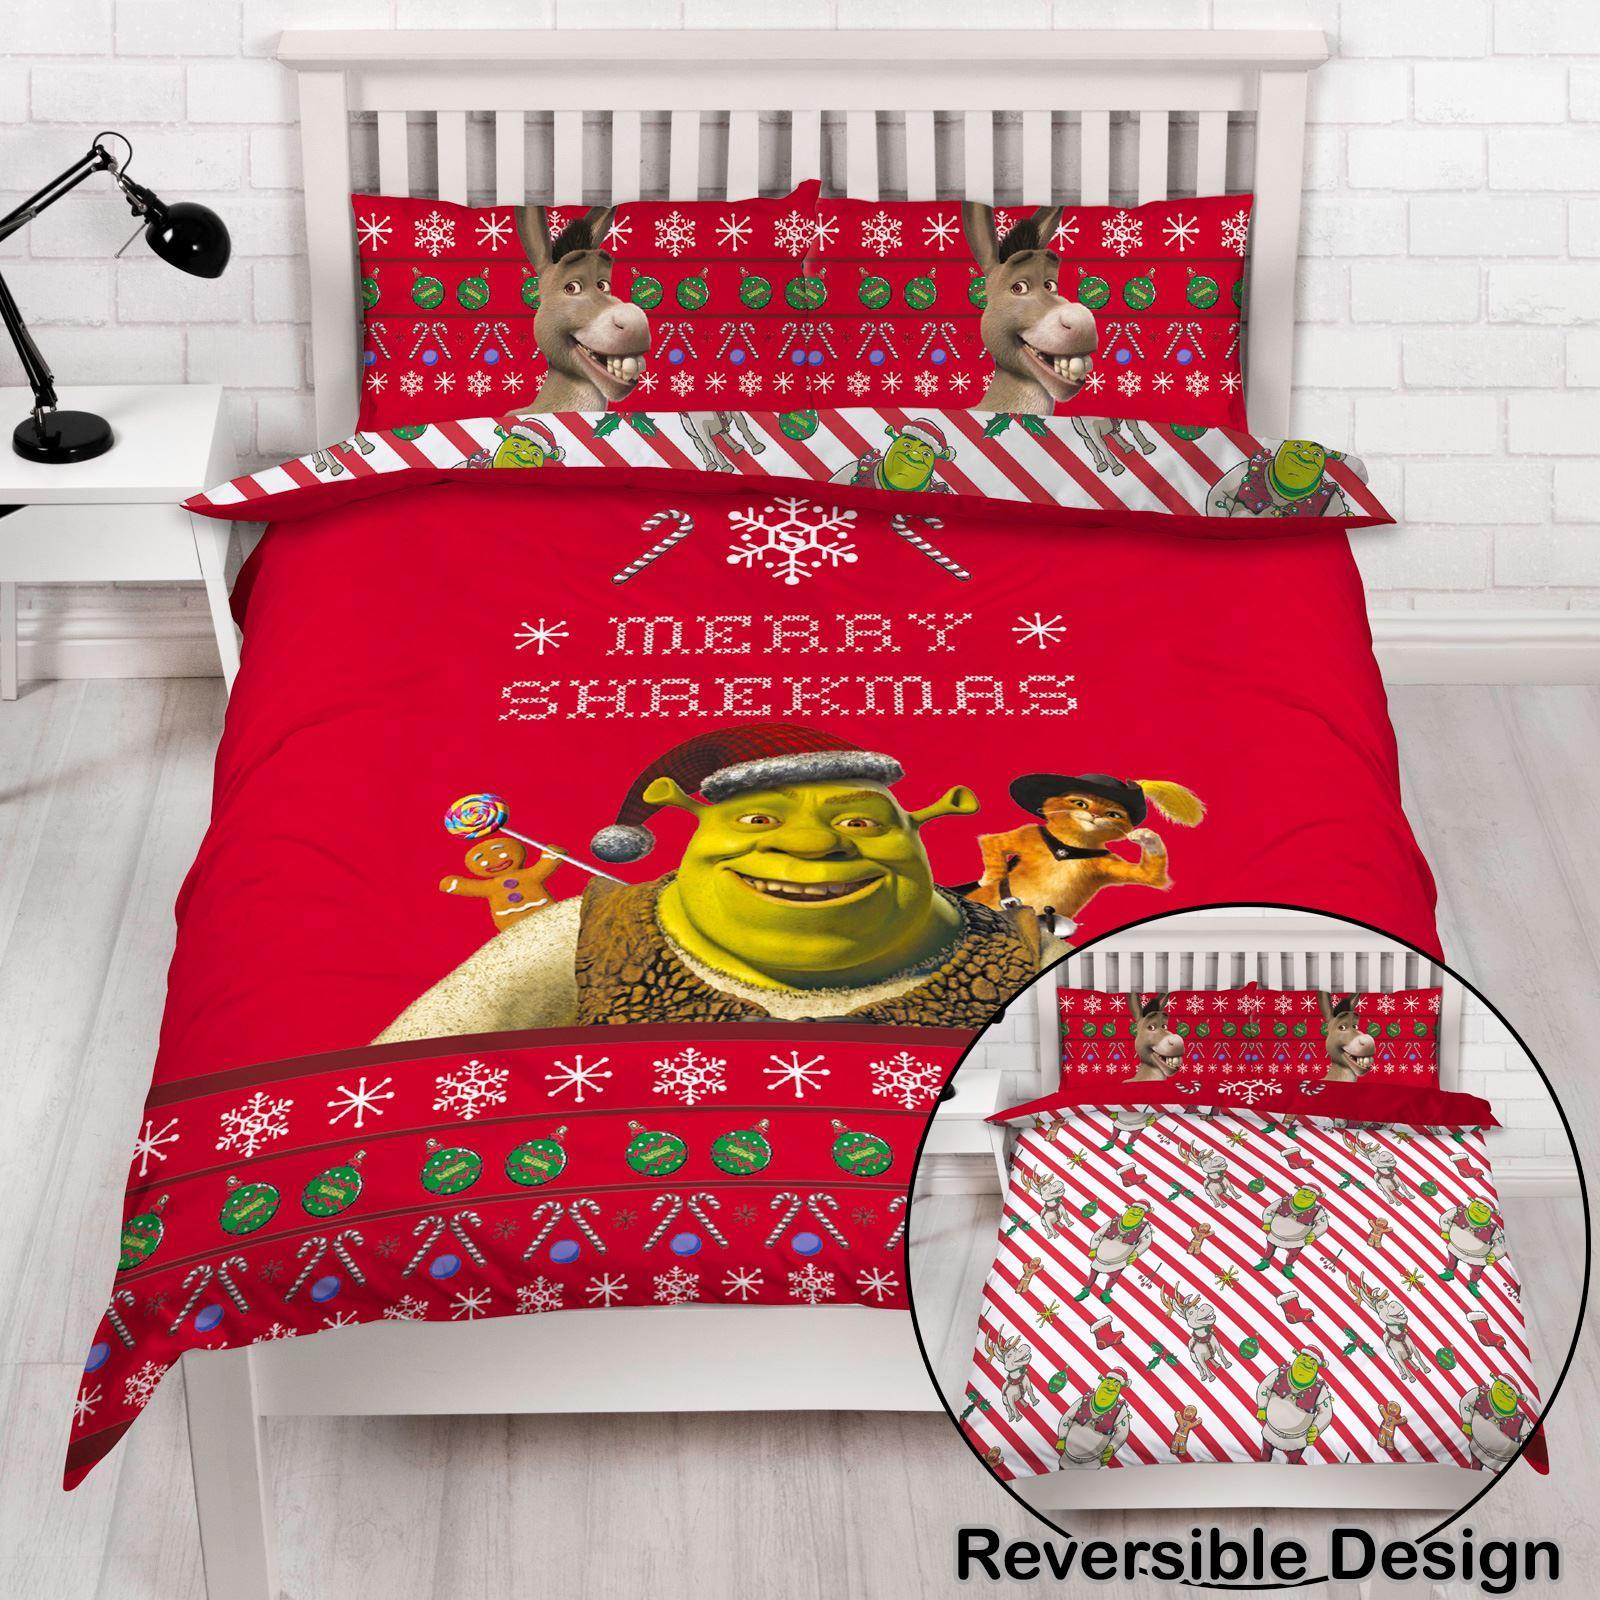 Indexbild 44 - Kinder Weihnachten Bettbezug Sets - Junior Einzel Doppel King - Elf Emoji Grinch